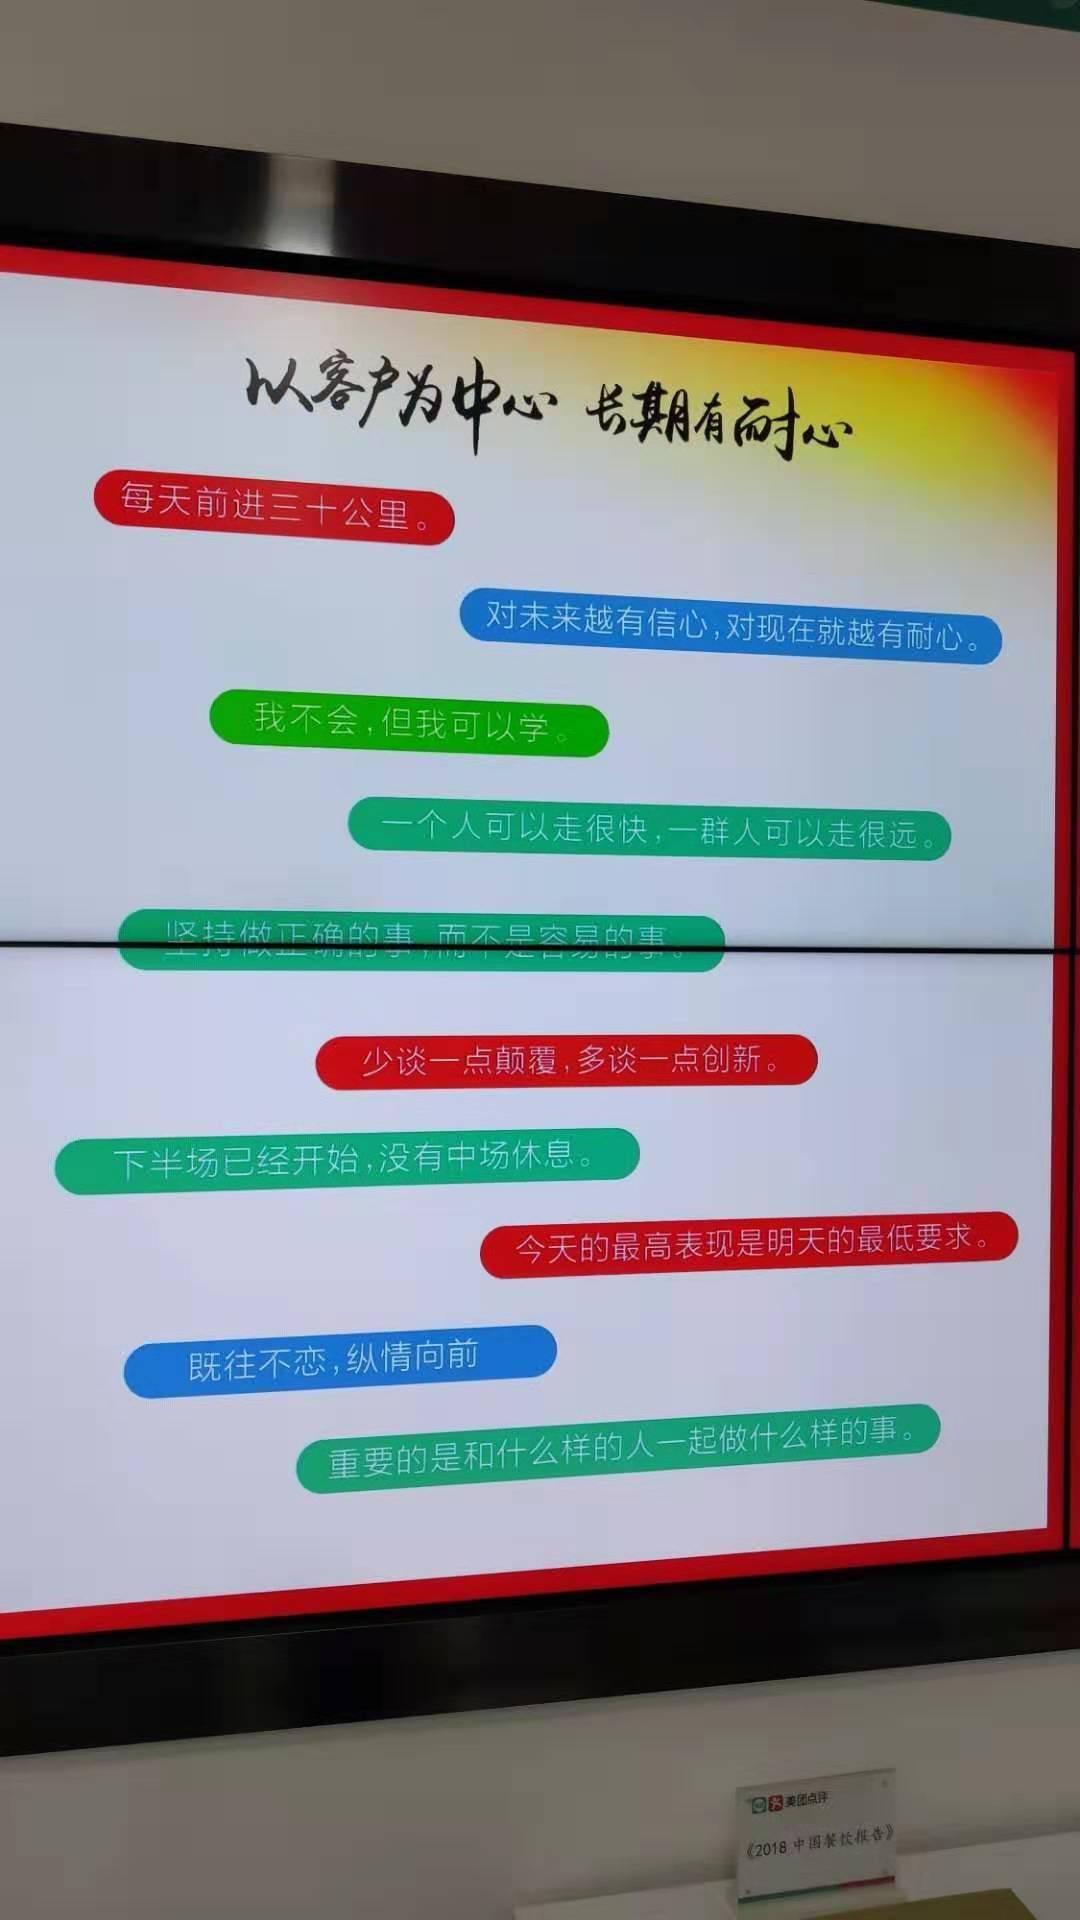 鸟哥笔记,职场成长,刘润,战略,运营方案,思维,管理,思维